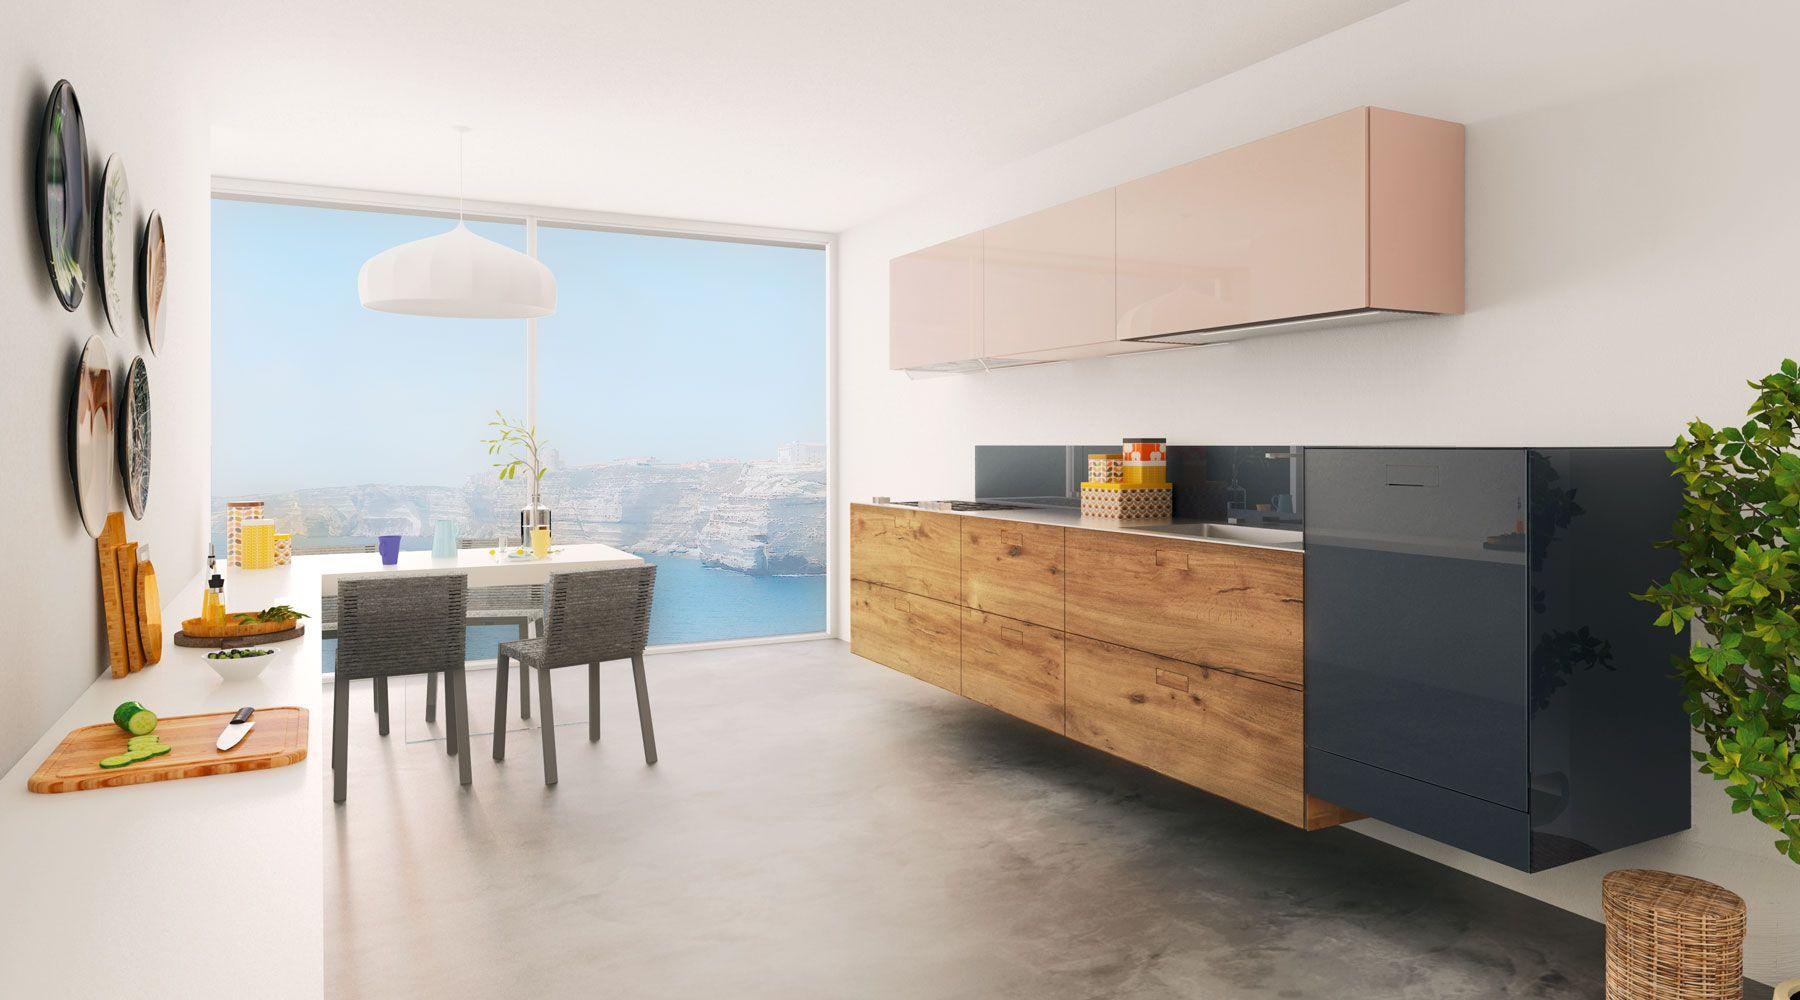 Cocina 36e8 | Modular design, Kitchens and Spaces